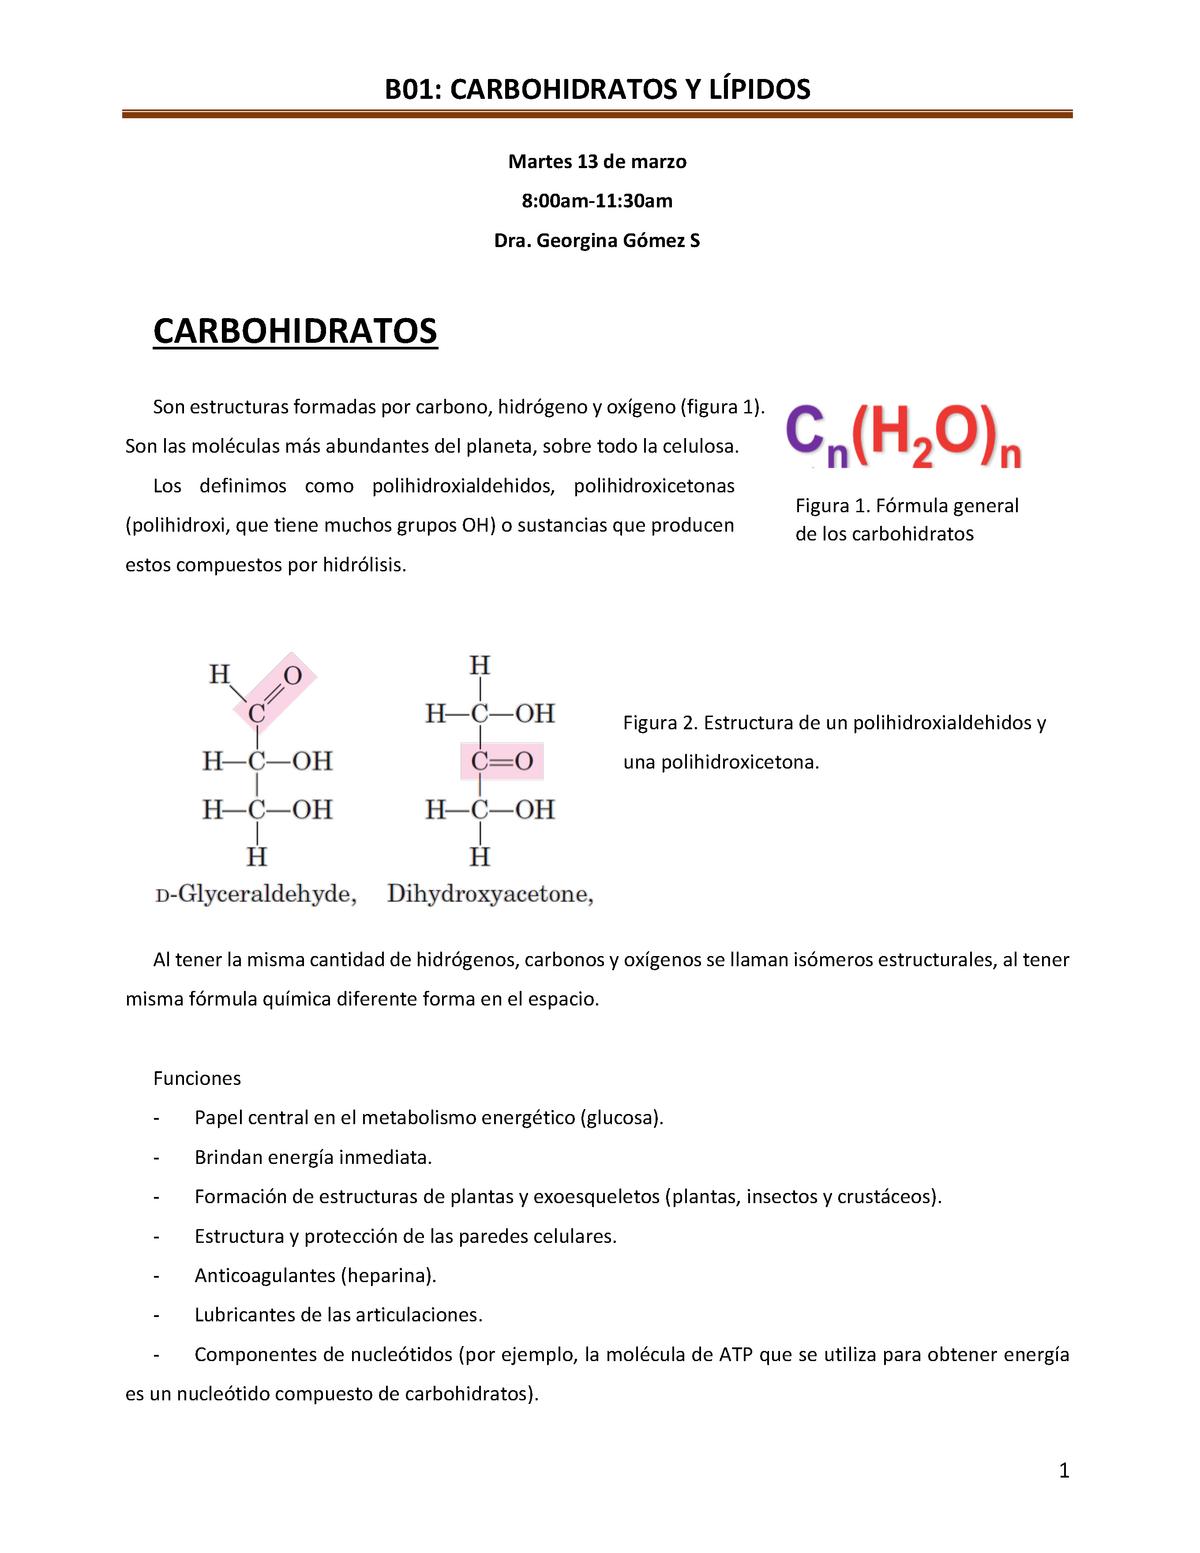 B01 Carbohidratos Y Lípidos Dra Georgina Gomez Me0117